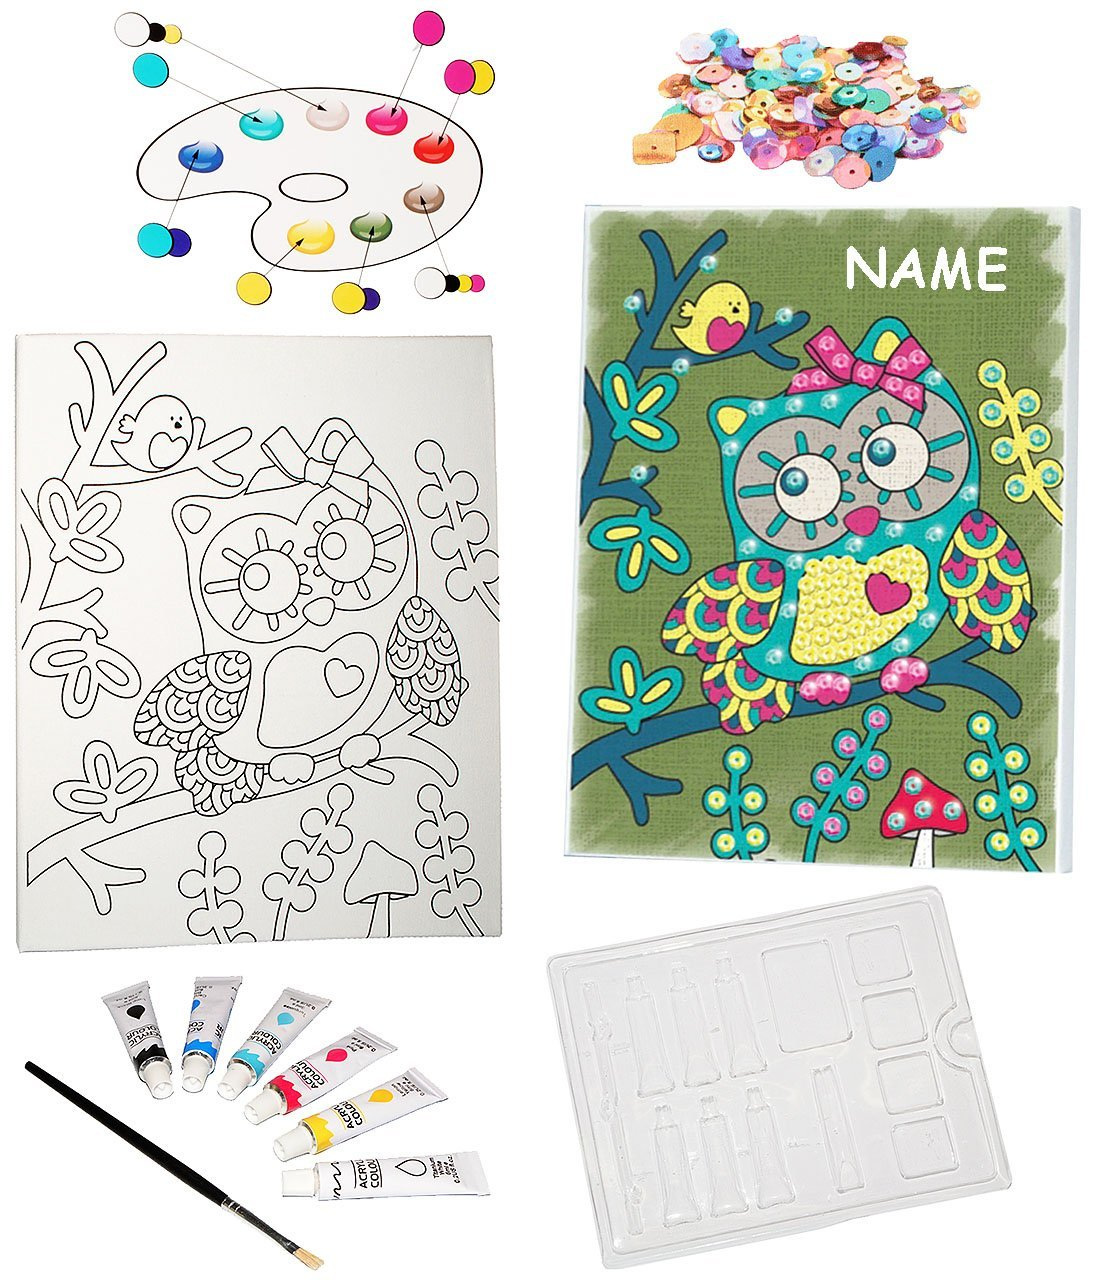 Bilder Für Kinderzimmer Auf Leinwand Selber Malen | afdecker.com